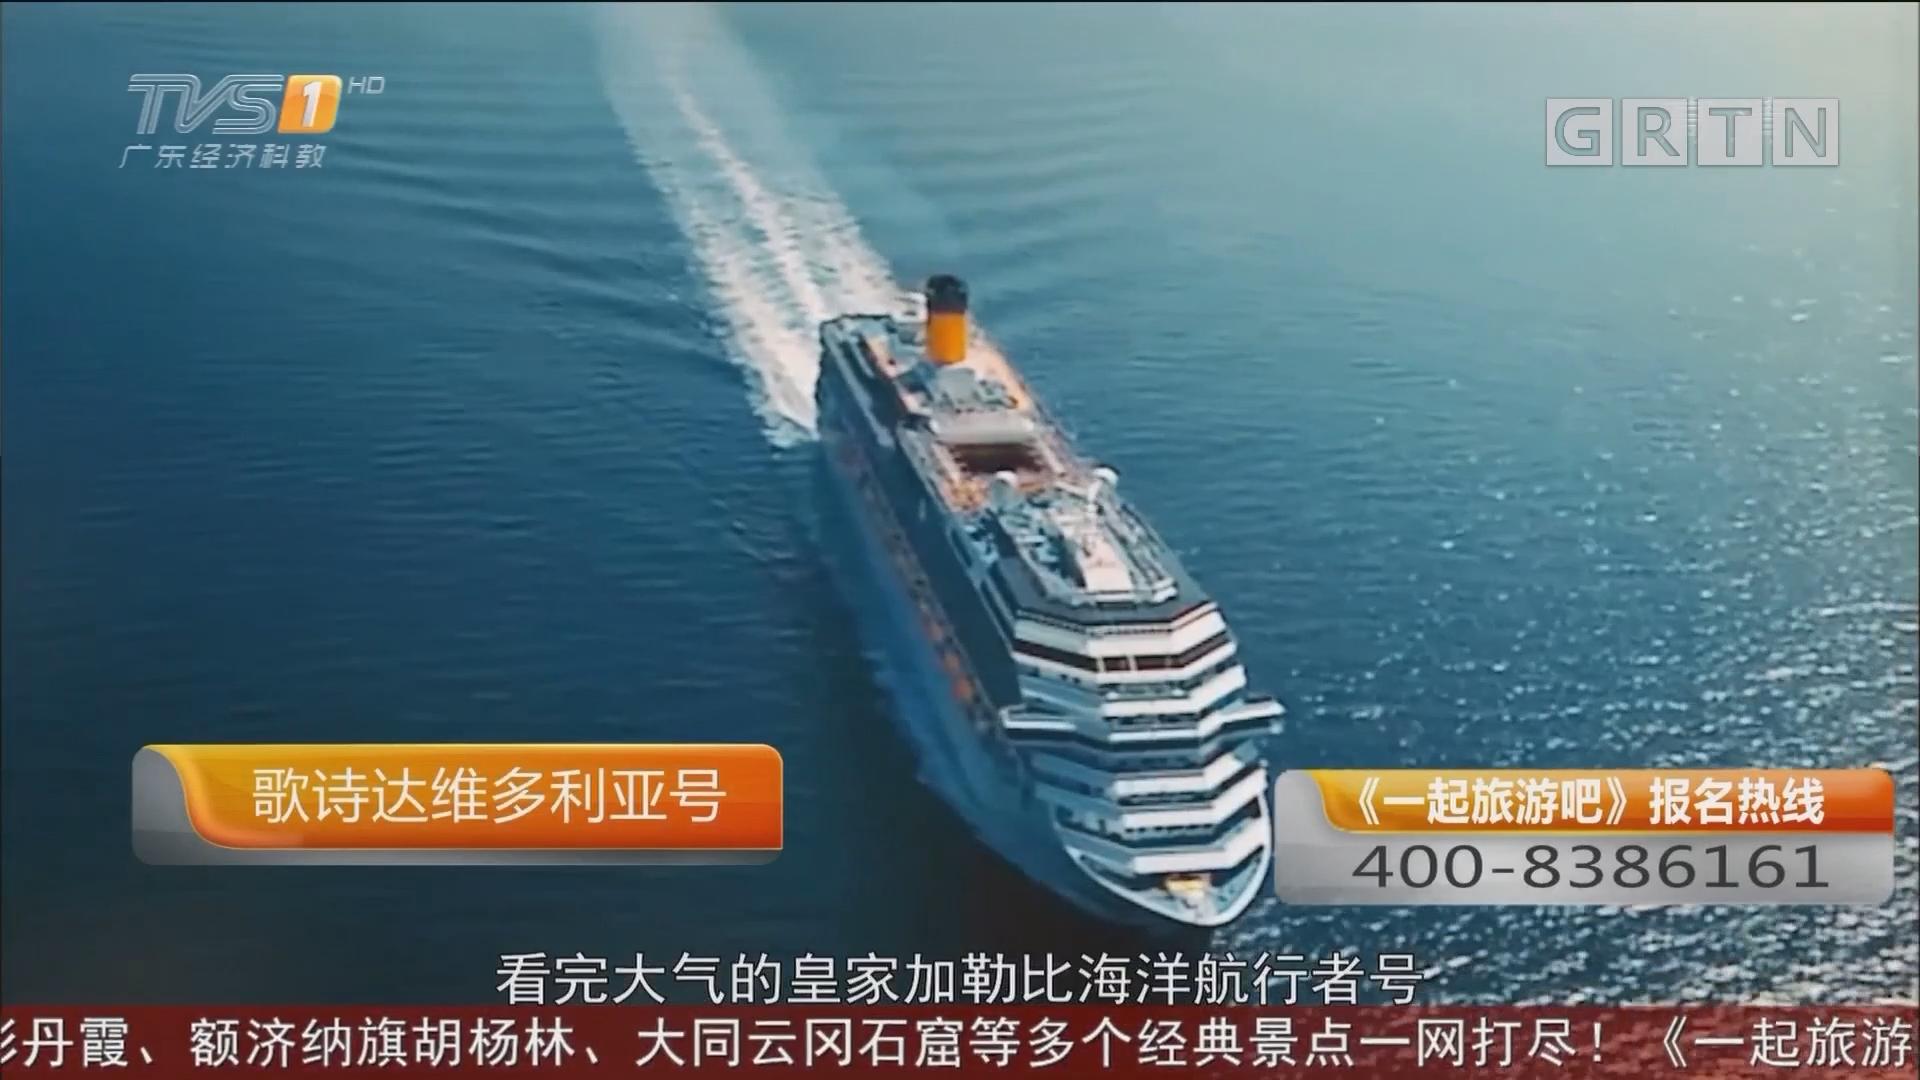 邮轮——三大邮轮介绍